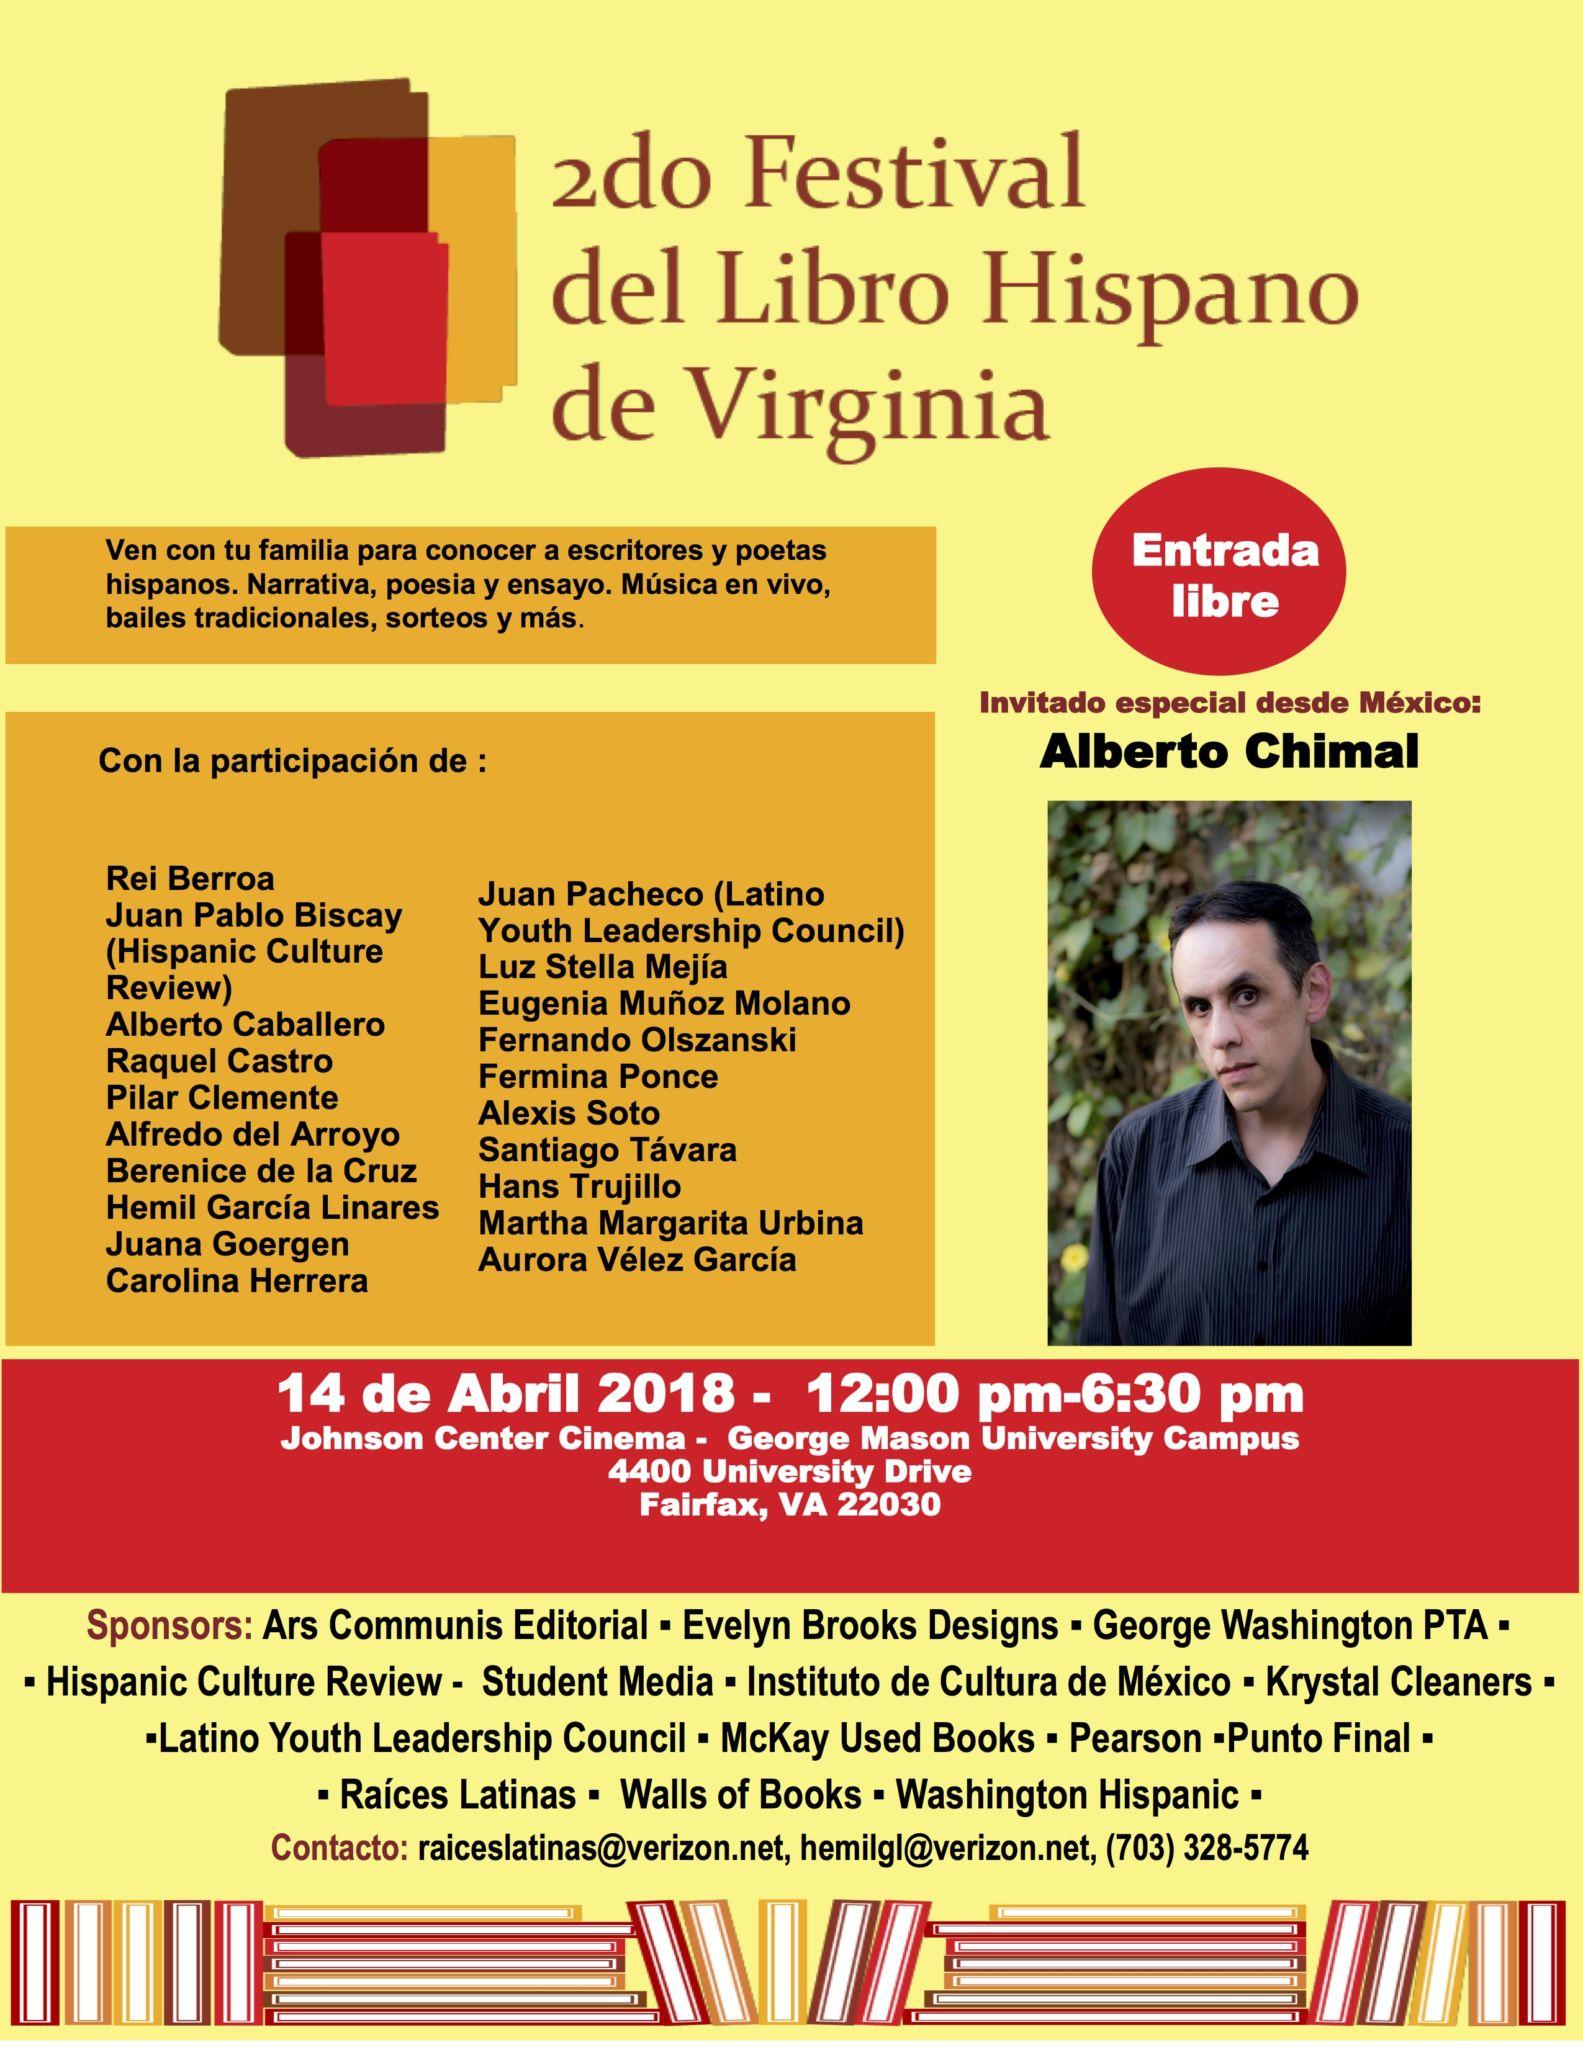 Segundo Festival del Libro Hispano de Virginia se realizará el 14 de abril